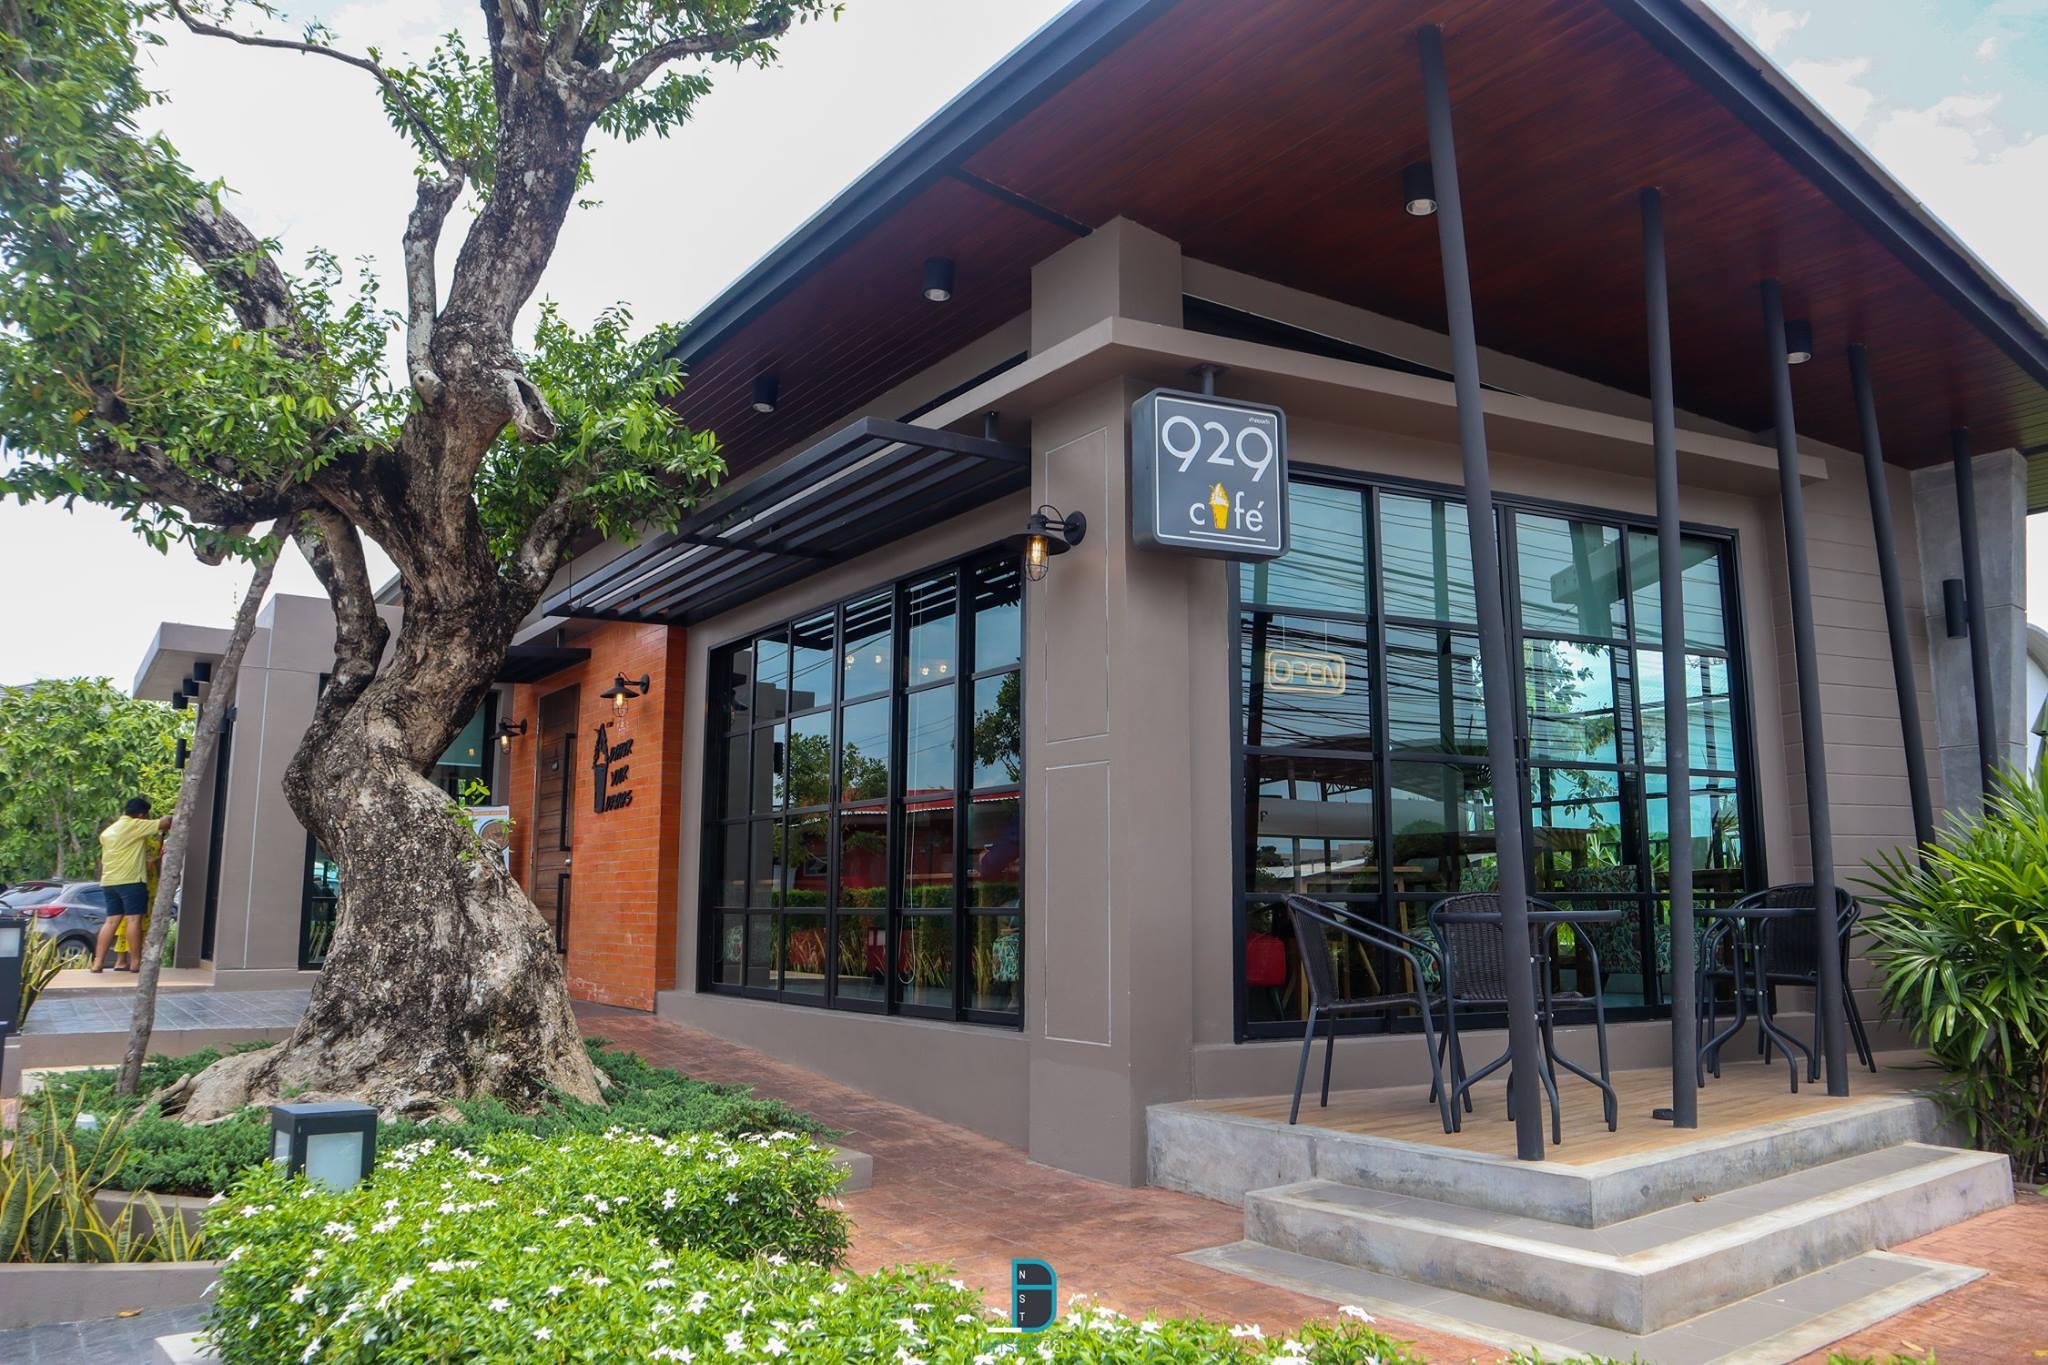 ต่อมาคือคาเฟ่สุดสวย-สำหรับนั่งชิวๆกัน-นั้นก็คือ-929-cafe-อยู่ด้านหน้าโรงแรม-Bunprasop-Garden-Hotel-นั้นเอง-ภายในนั่งสบายๆ-มีอาหารและเครื่องดื่มบริการครับ  ที่กิน,ที่เที่ยว,นครศรีธรรมราช,เมืองคอน,2018,BunprasopGardenHotel,นครศรี,อำเภอเมือง